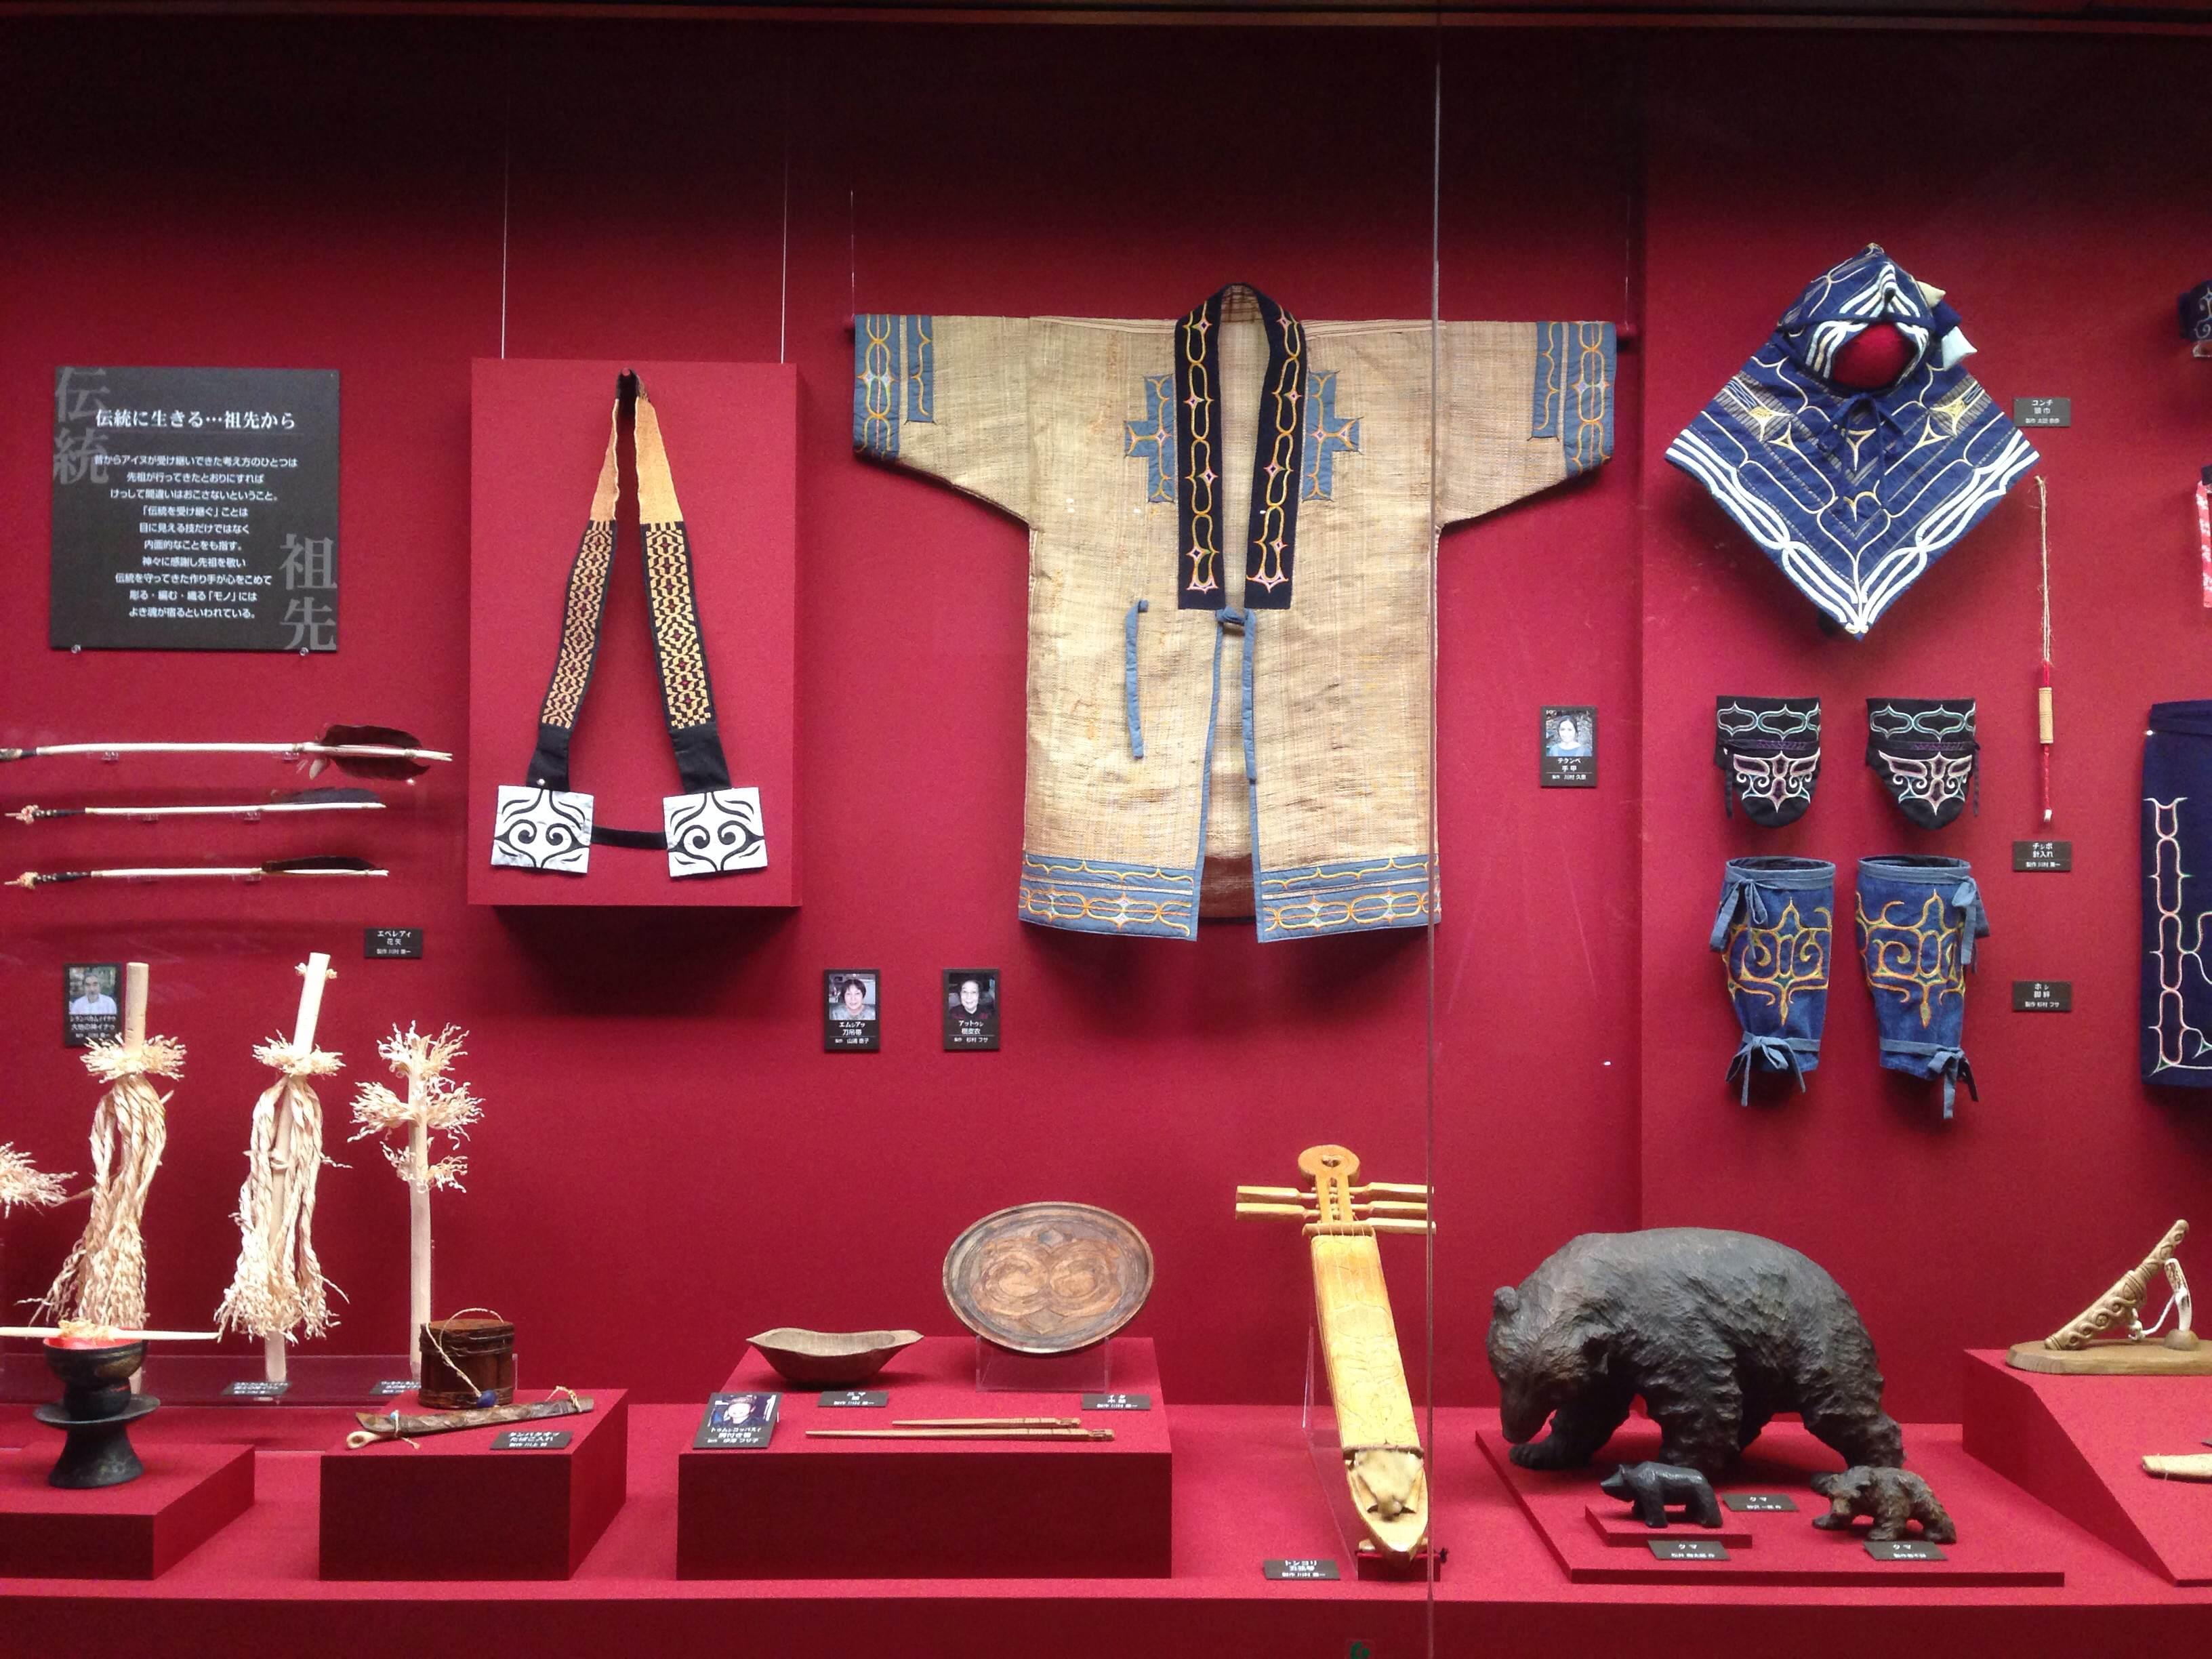 道具 旭川市博物館